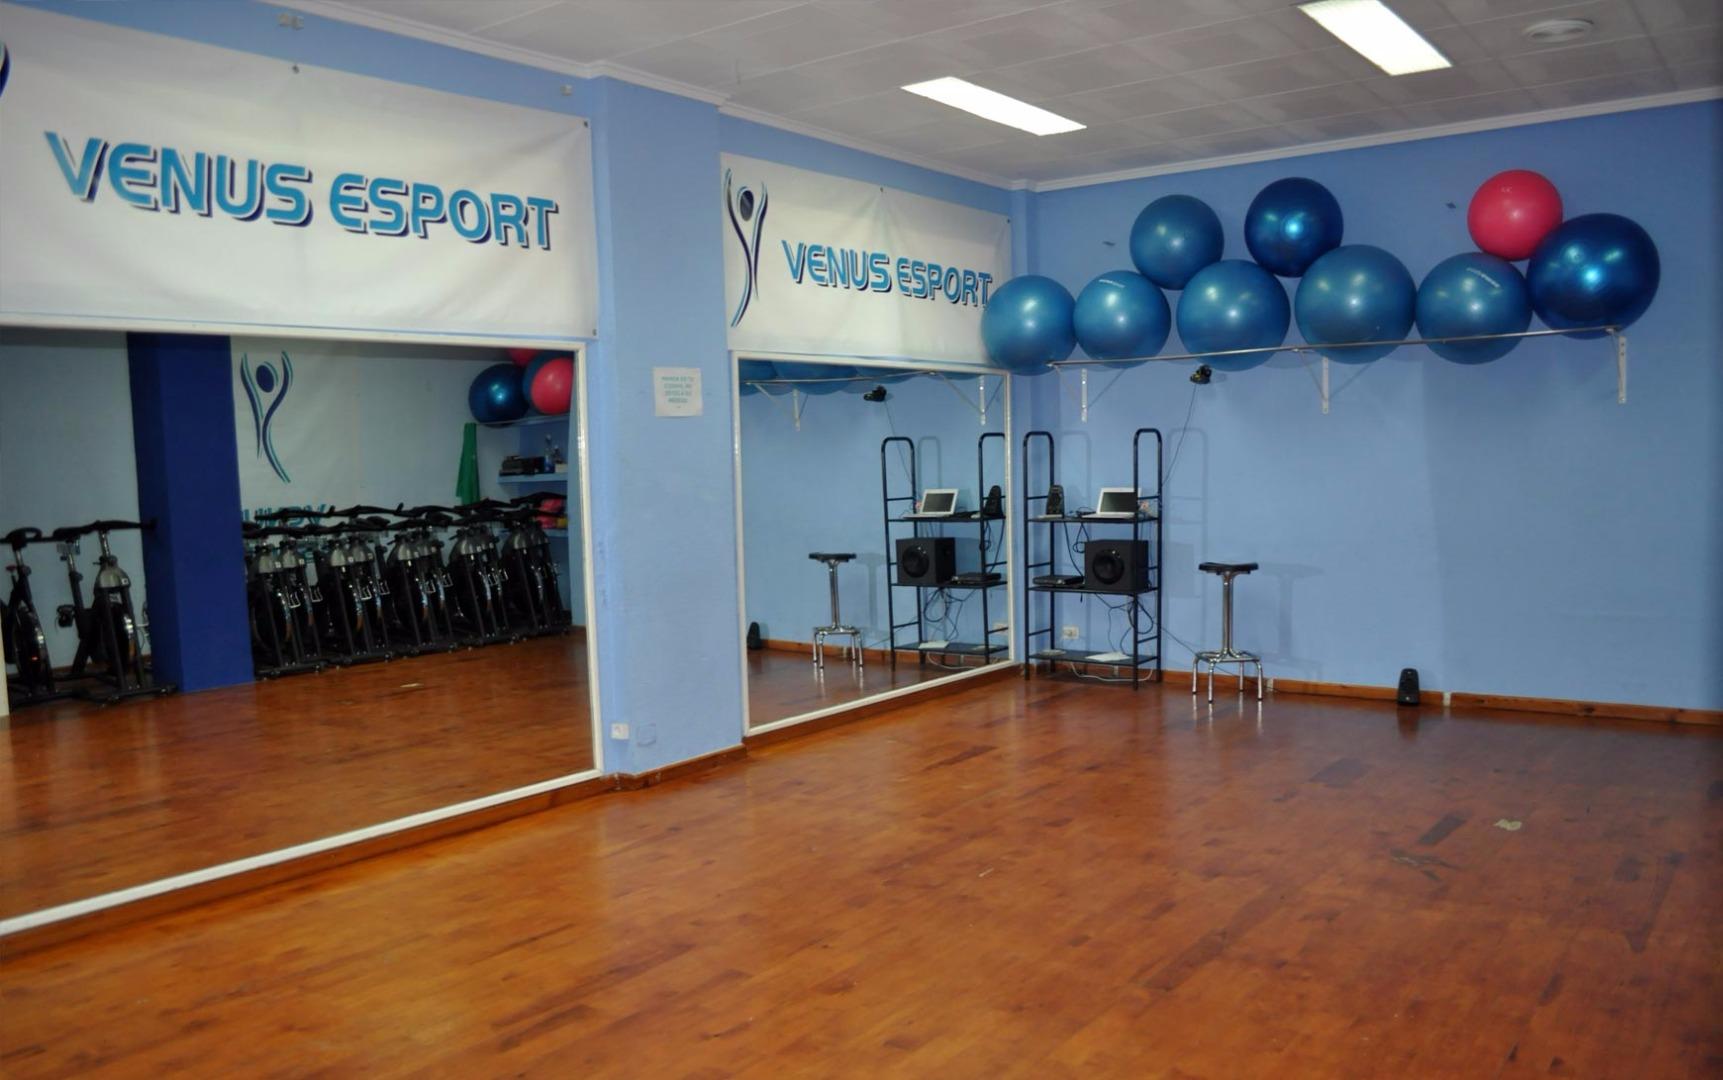 oferta gimnasio gimnasio femenino venus esport xirivella